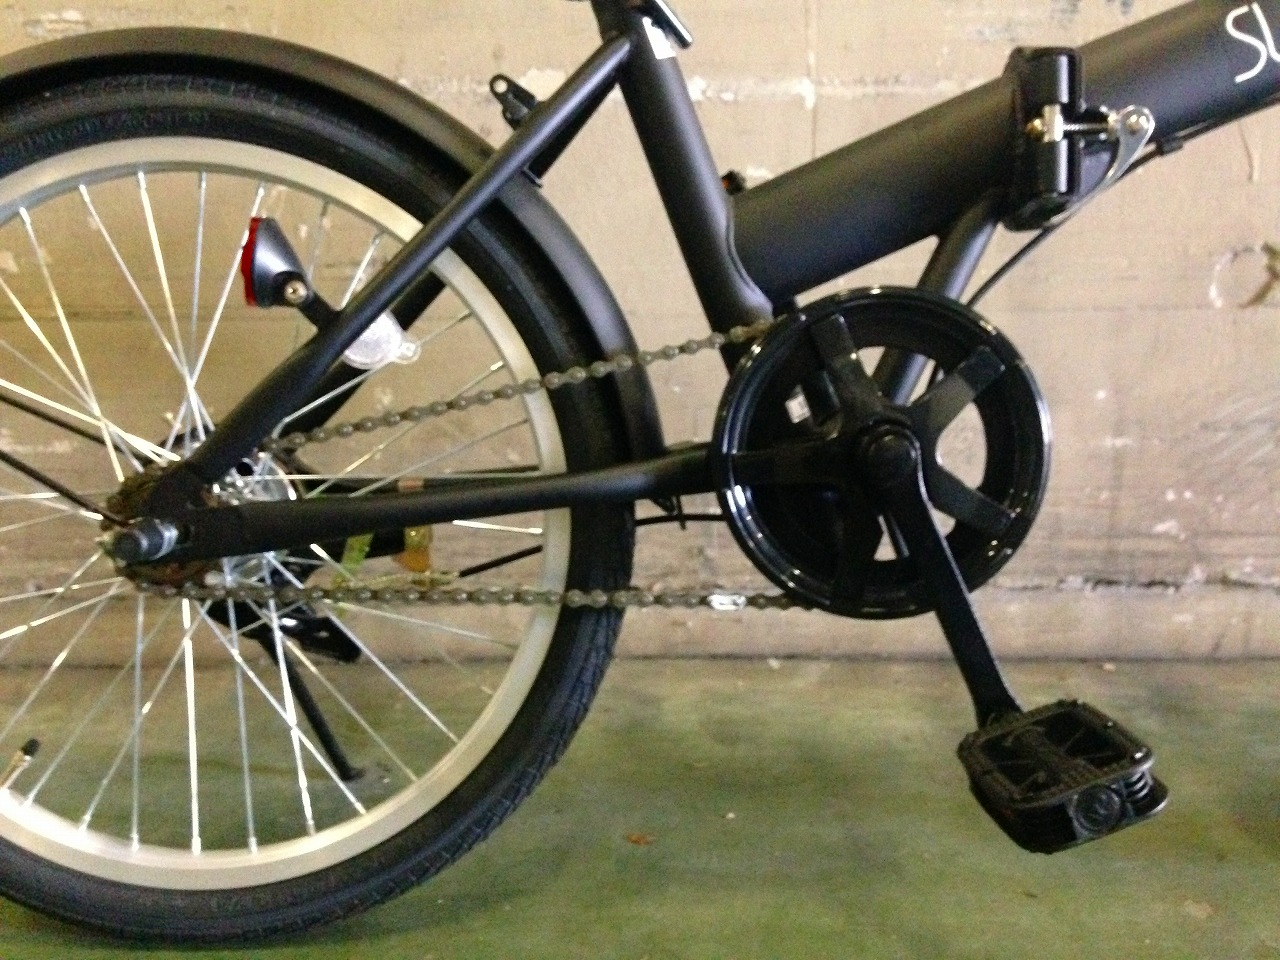 折りたたみ自転車 20インチ ブラック 黒 軽量 折り畳み自転車 男性向け かっこいい サントラスト